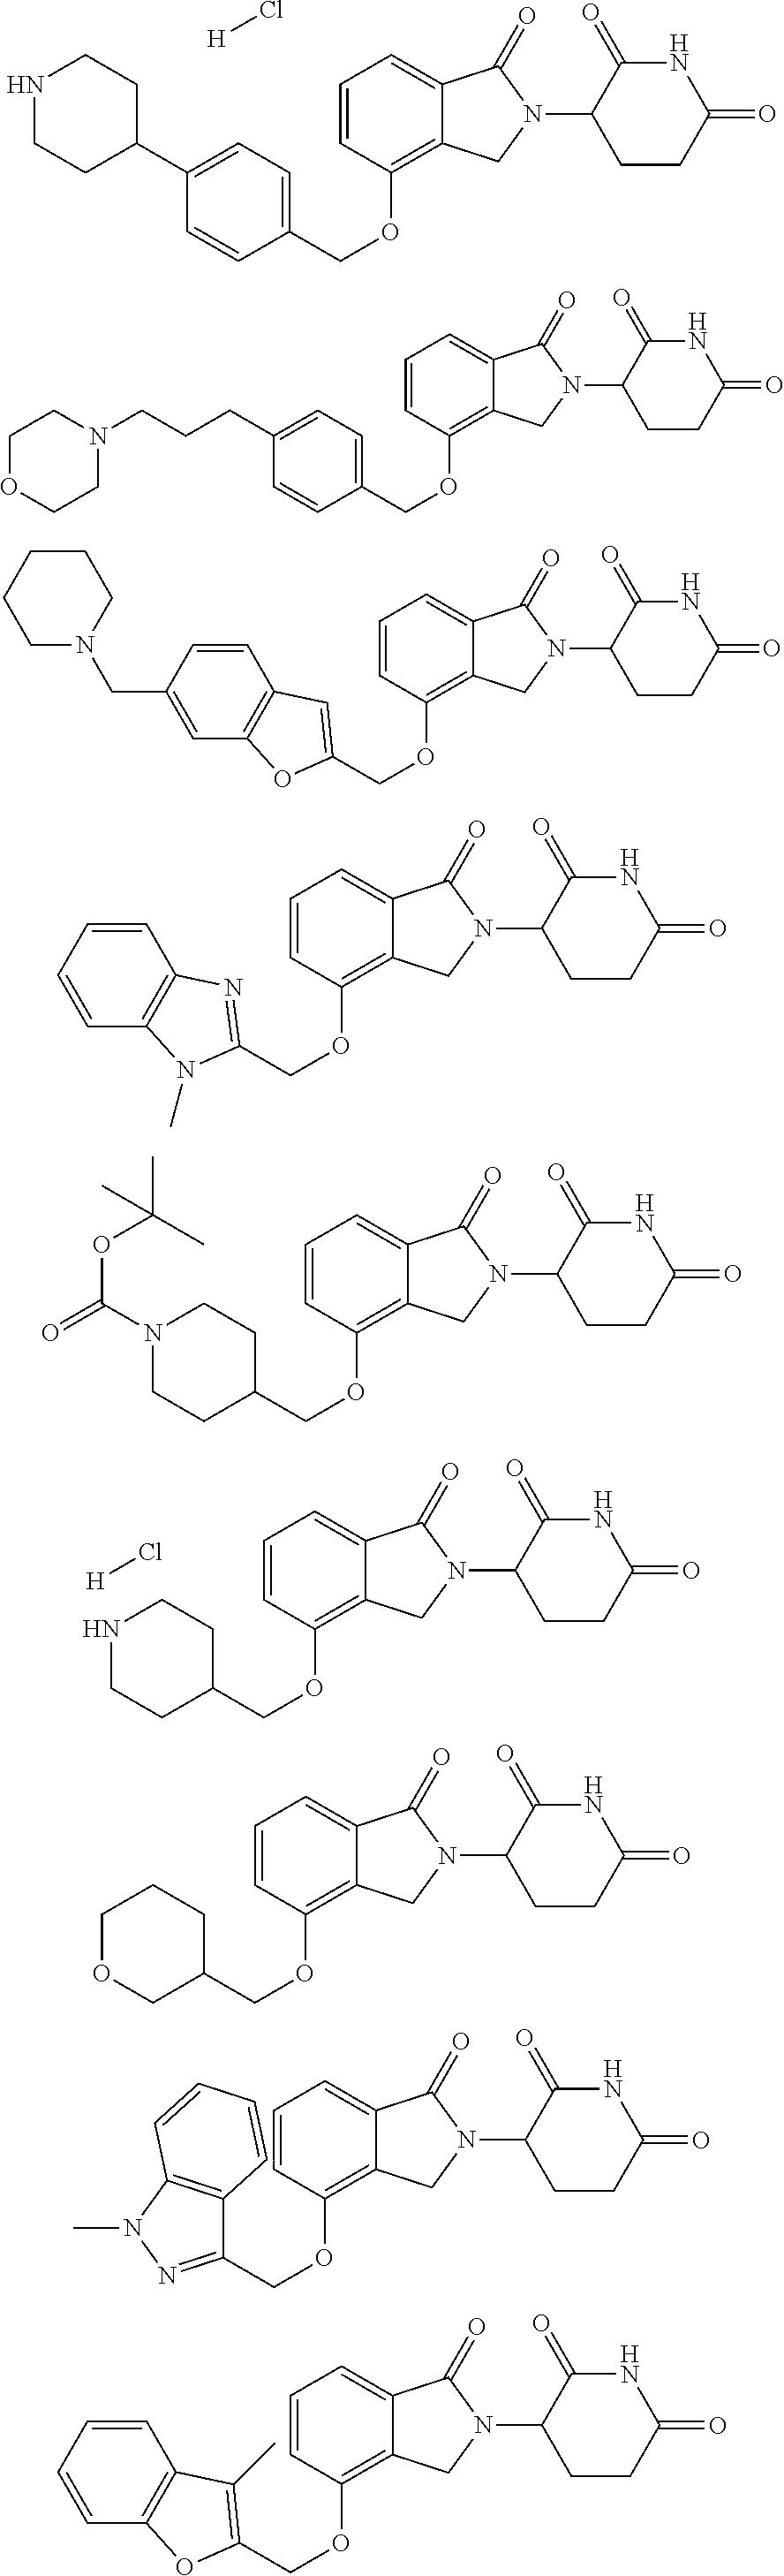 Figure US09822094-20171121-C00005